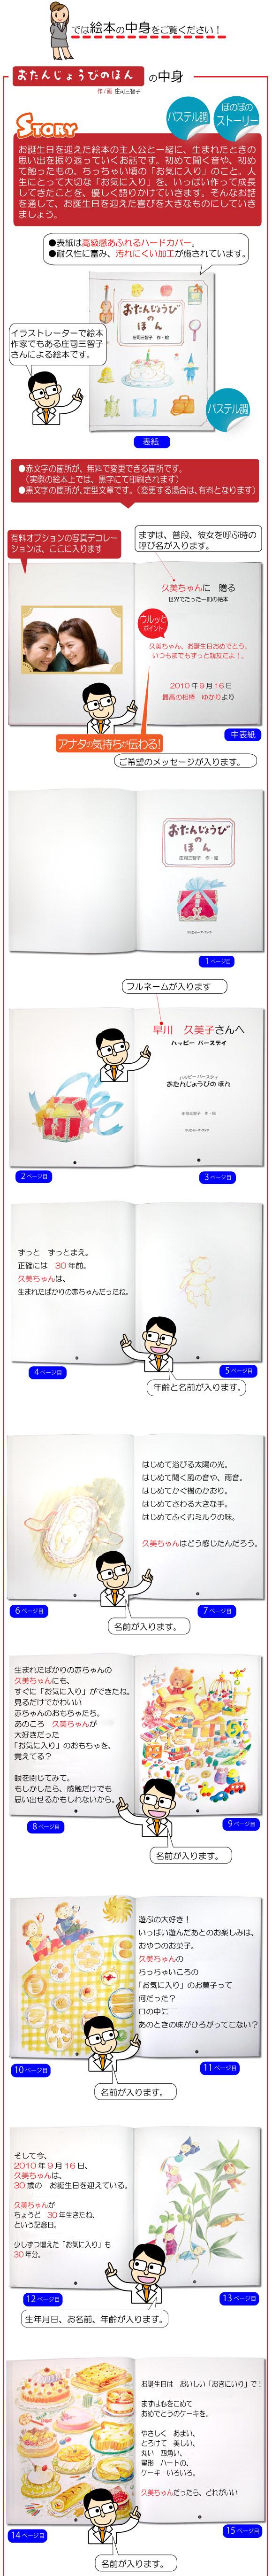 女友達への誕生日プレゼント向けオーダーメイド絵本の全頁